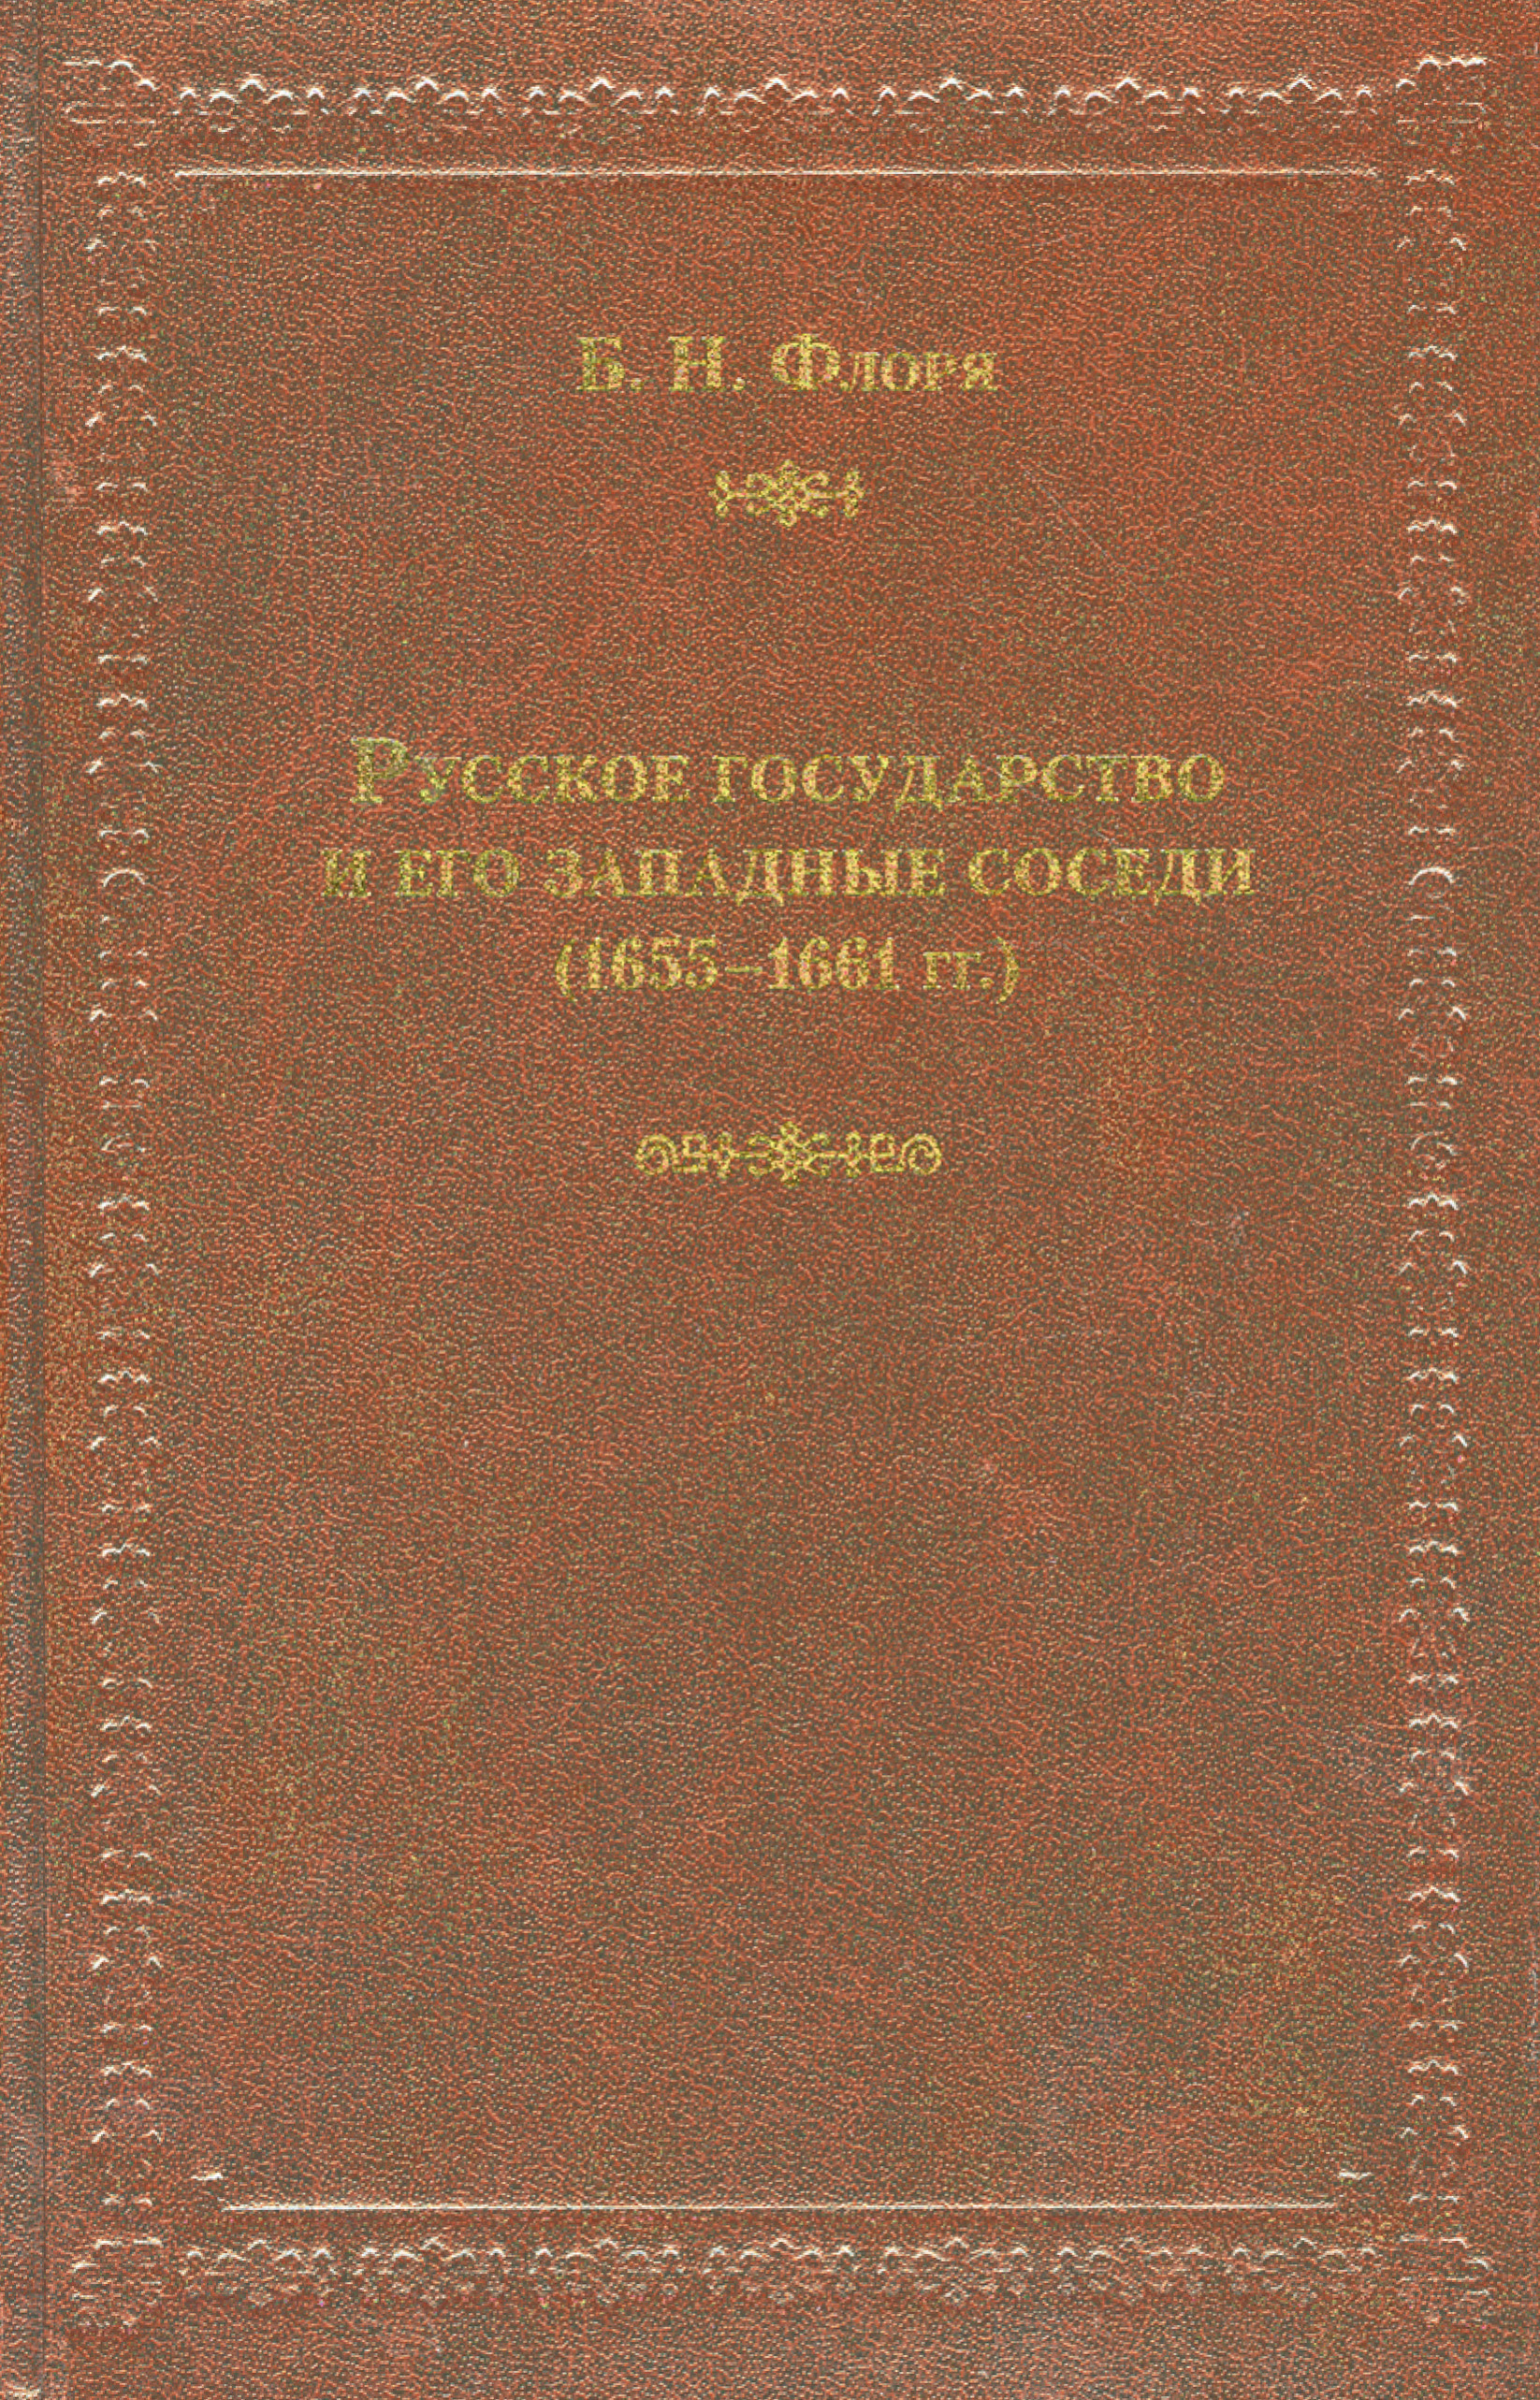 Б. Н. Флоря Русское государство и его западные соседи (1655–1661гг.) арий я идеальное русское государство